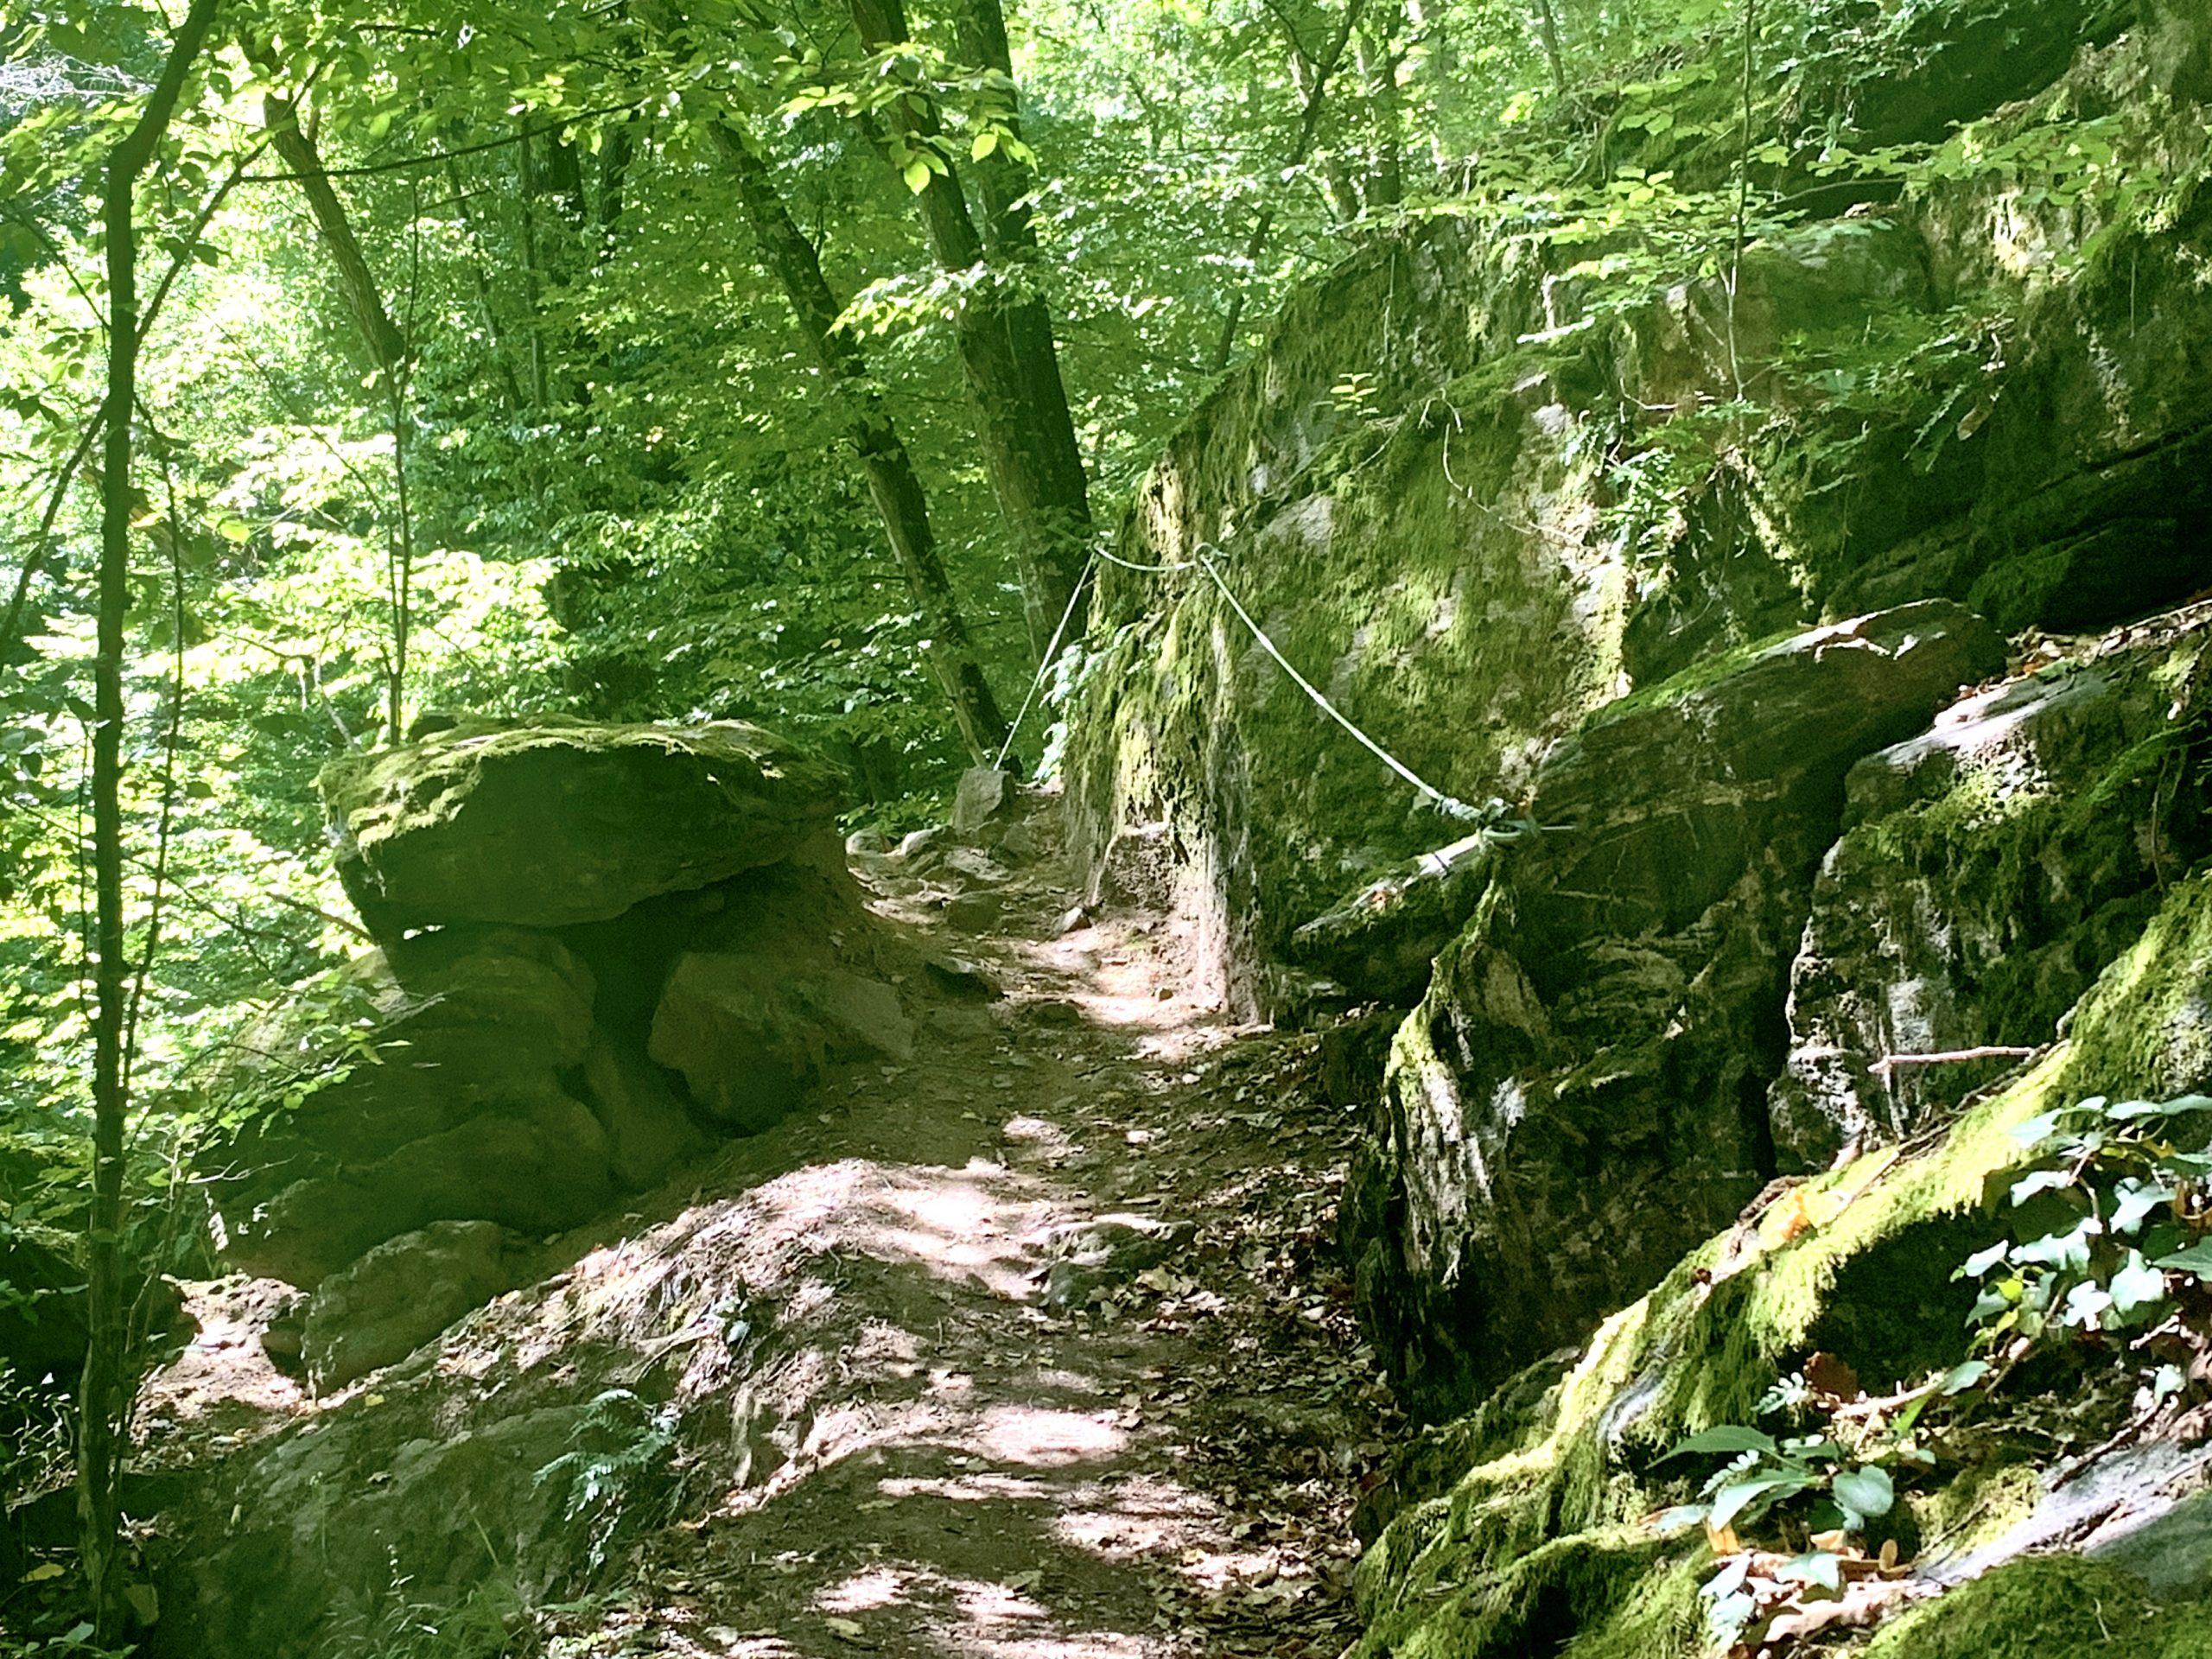 Weitenberggraben am Welterbesteig am Weg nach Weissenkirchen